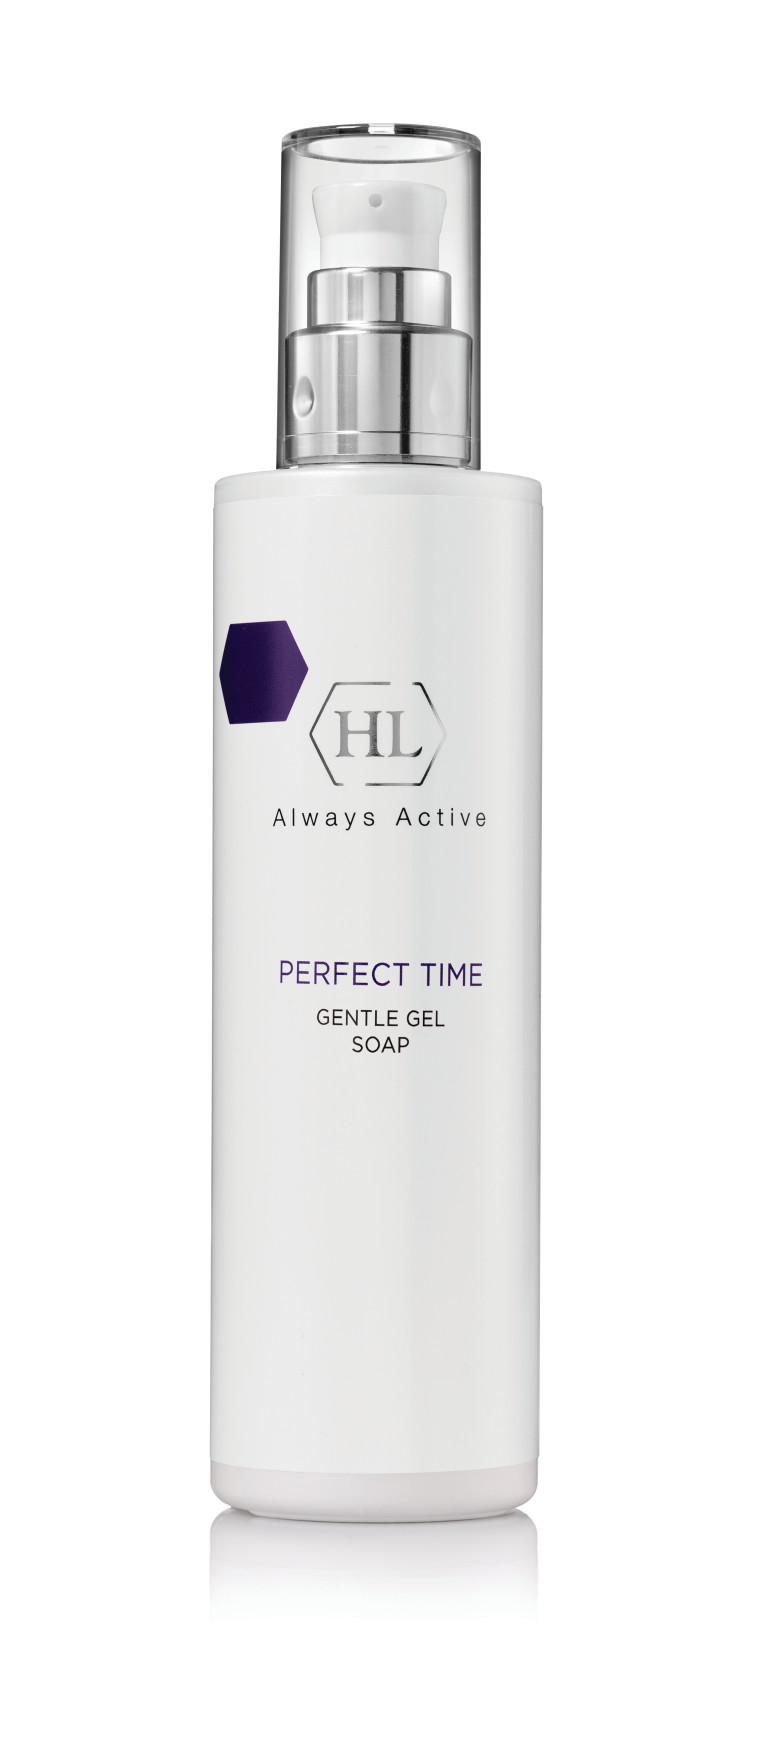 סבון ג'ל לעור הפנים המכיל רימונים של HL קוסמטיקה מקצועית. 150 שקלים (צילום: אורי גרון, יח''צ)